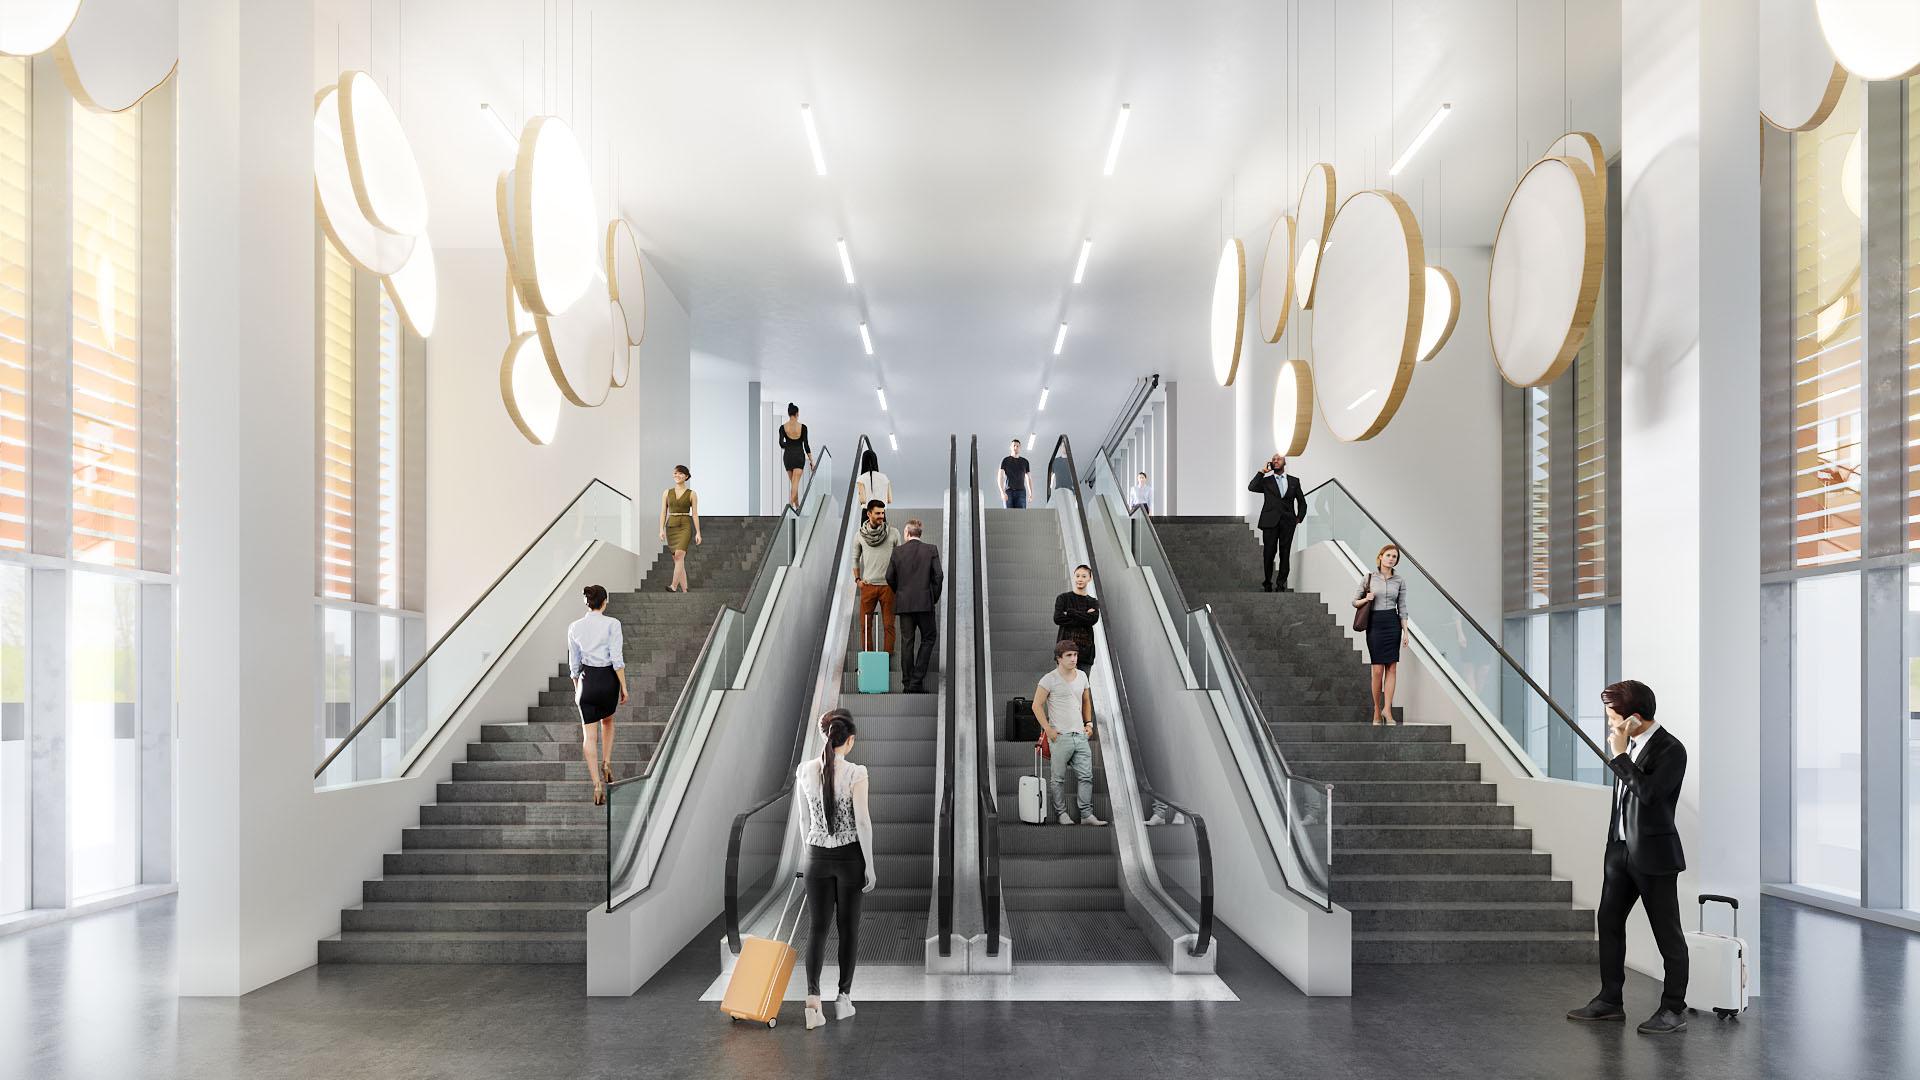 Átadták a Liszt Ferenc Nemzetközi repülőtér fapados utasmólót